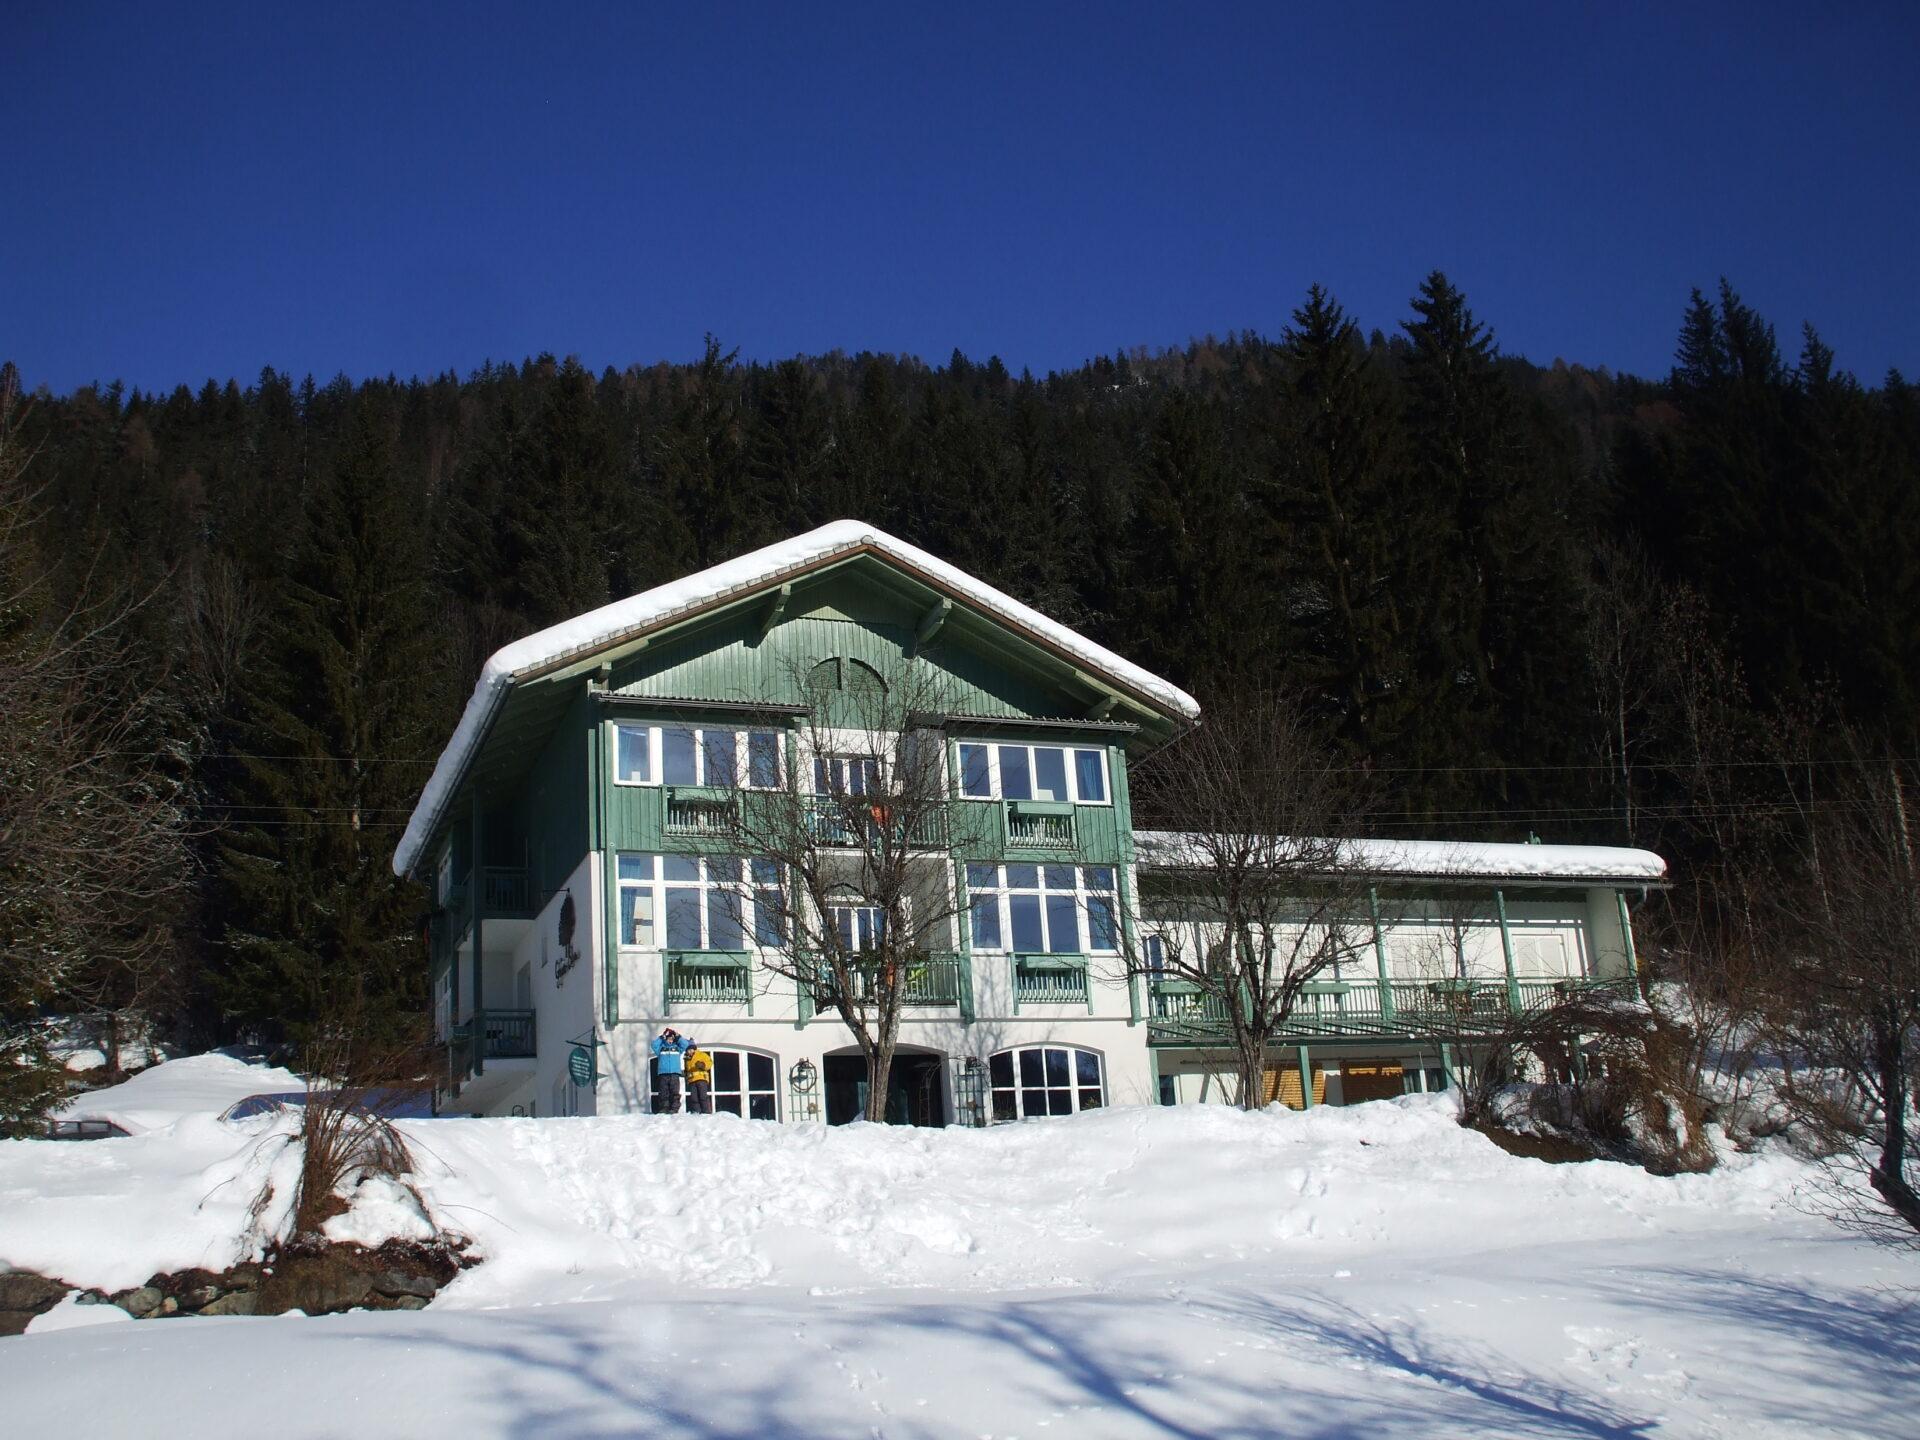 Ferienwohnung Grüner Baum Weissensee Winter Haus